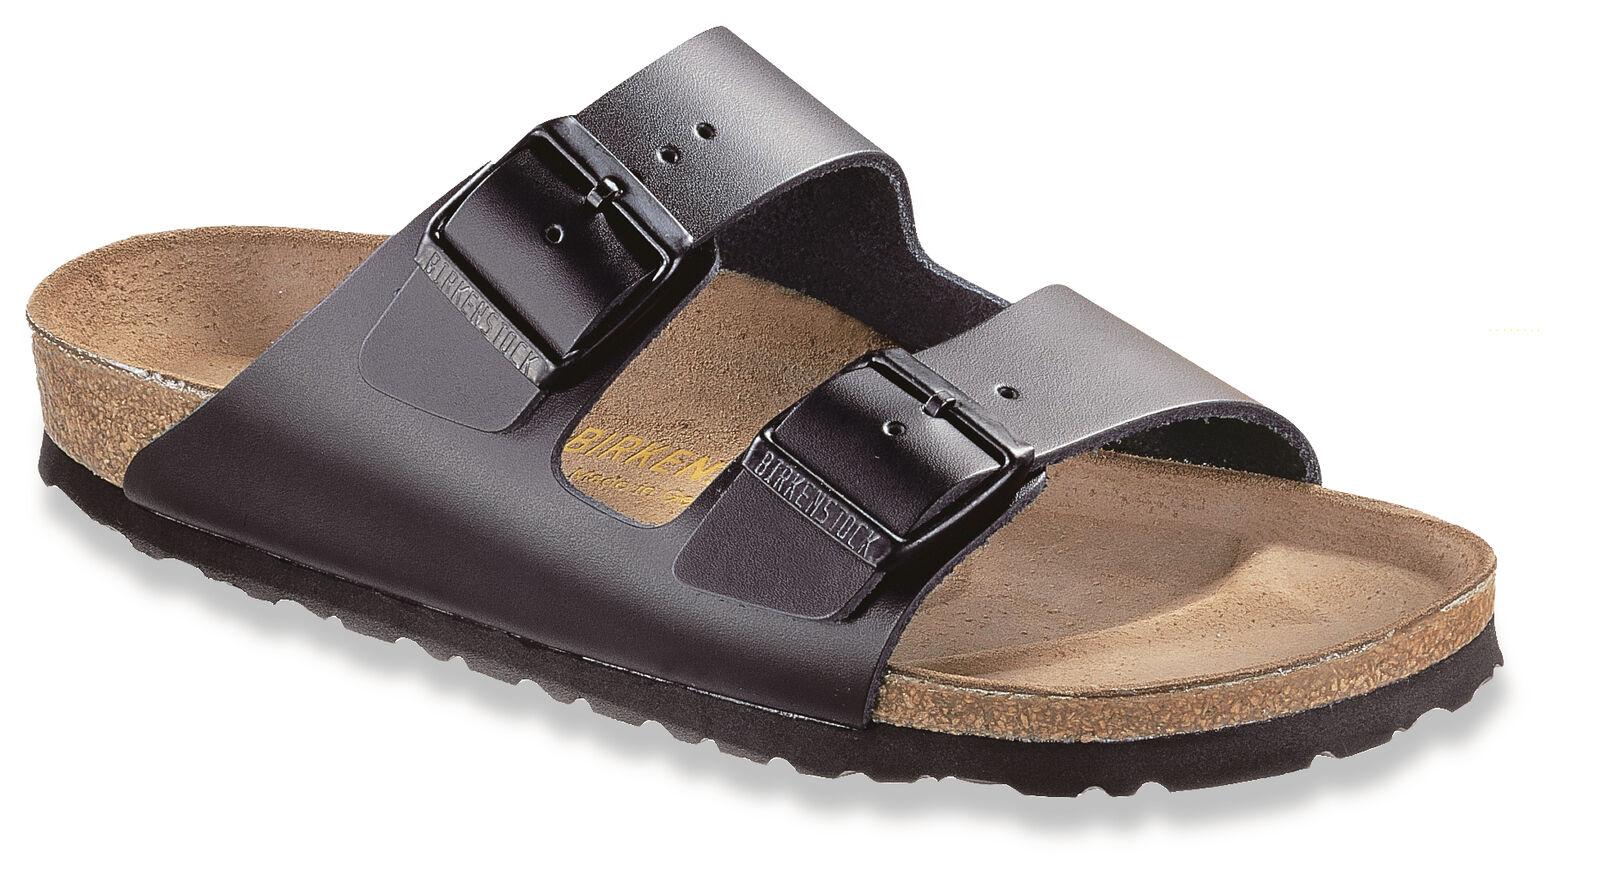 Birkenstock Schlappen Arizona Glattleder Unisex Schuhe Schlappen Birkenstock Sandalen Fußbett NEU 2605bf